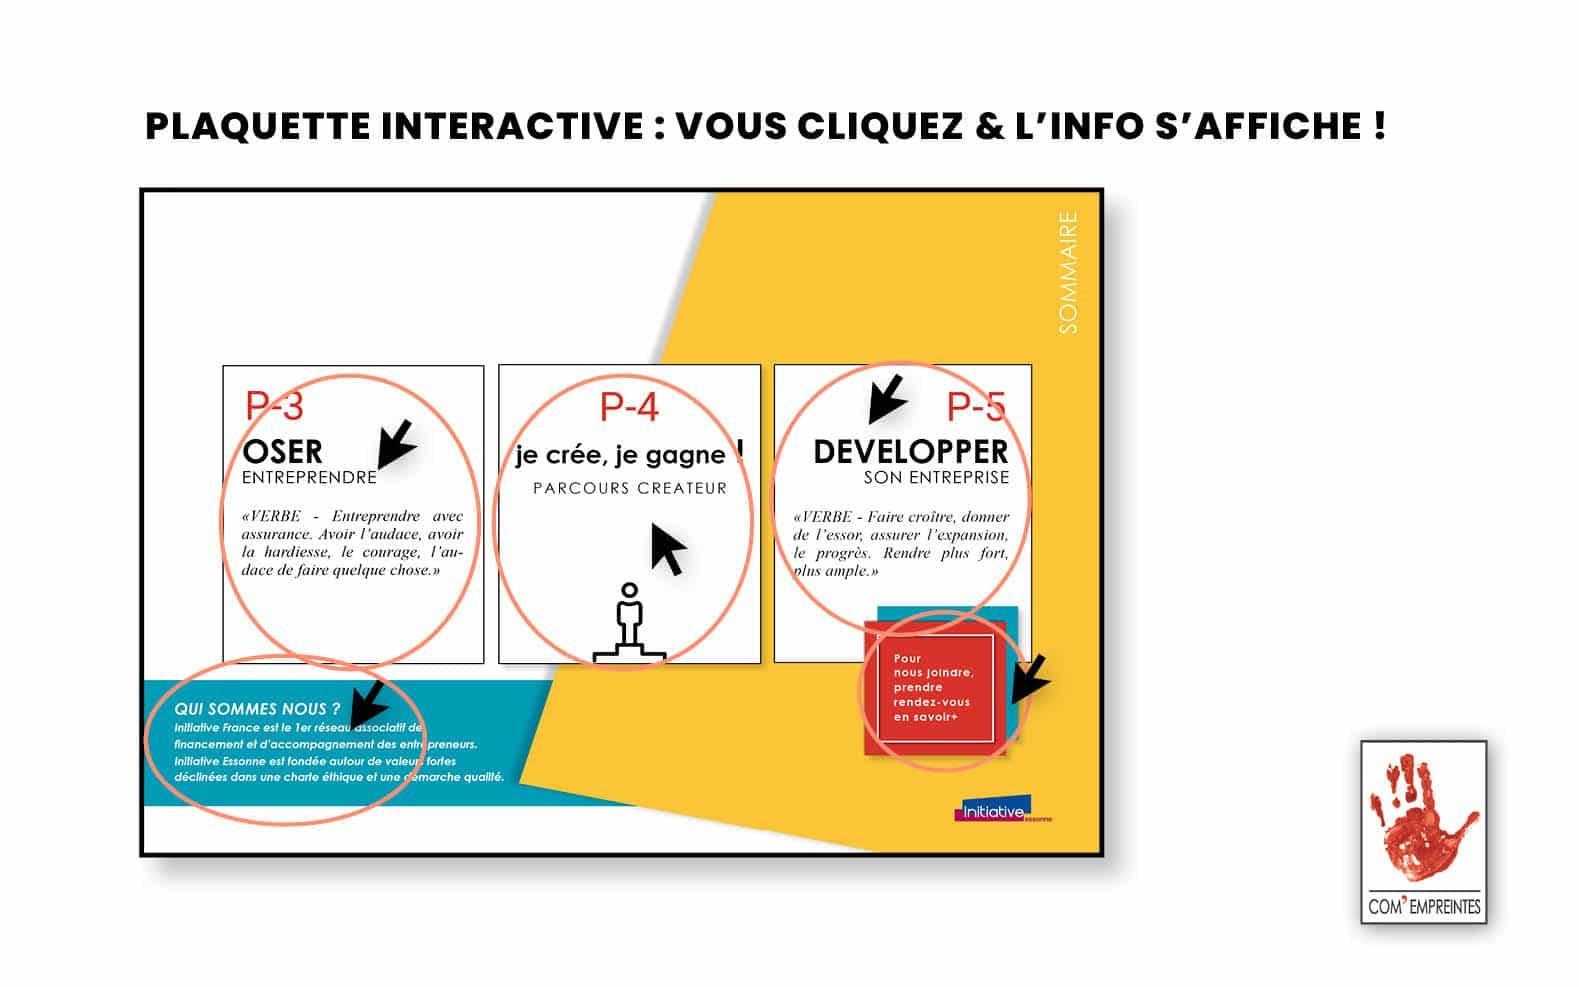 Une plaquette digitale interactive pour lecture simple, ludique et dynamique - Par Com' Empreintes